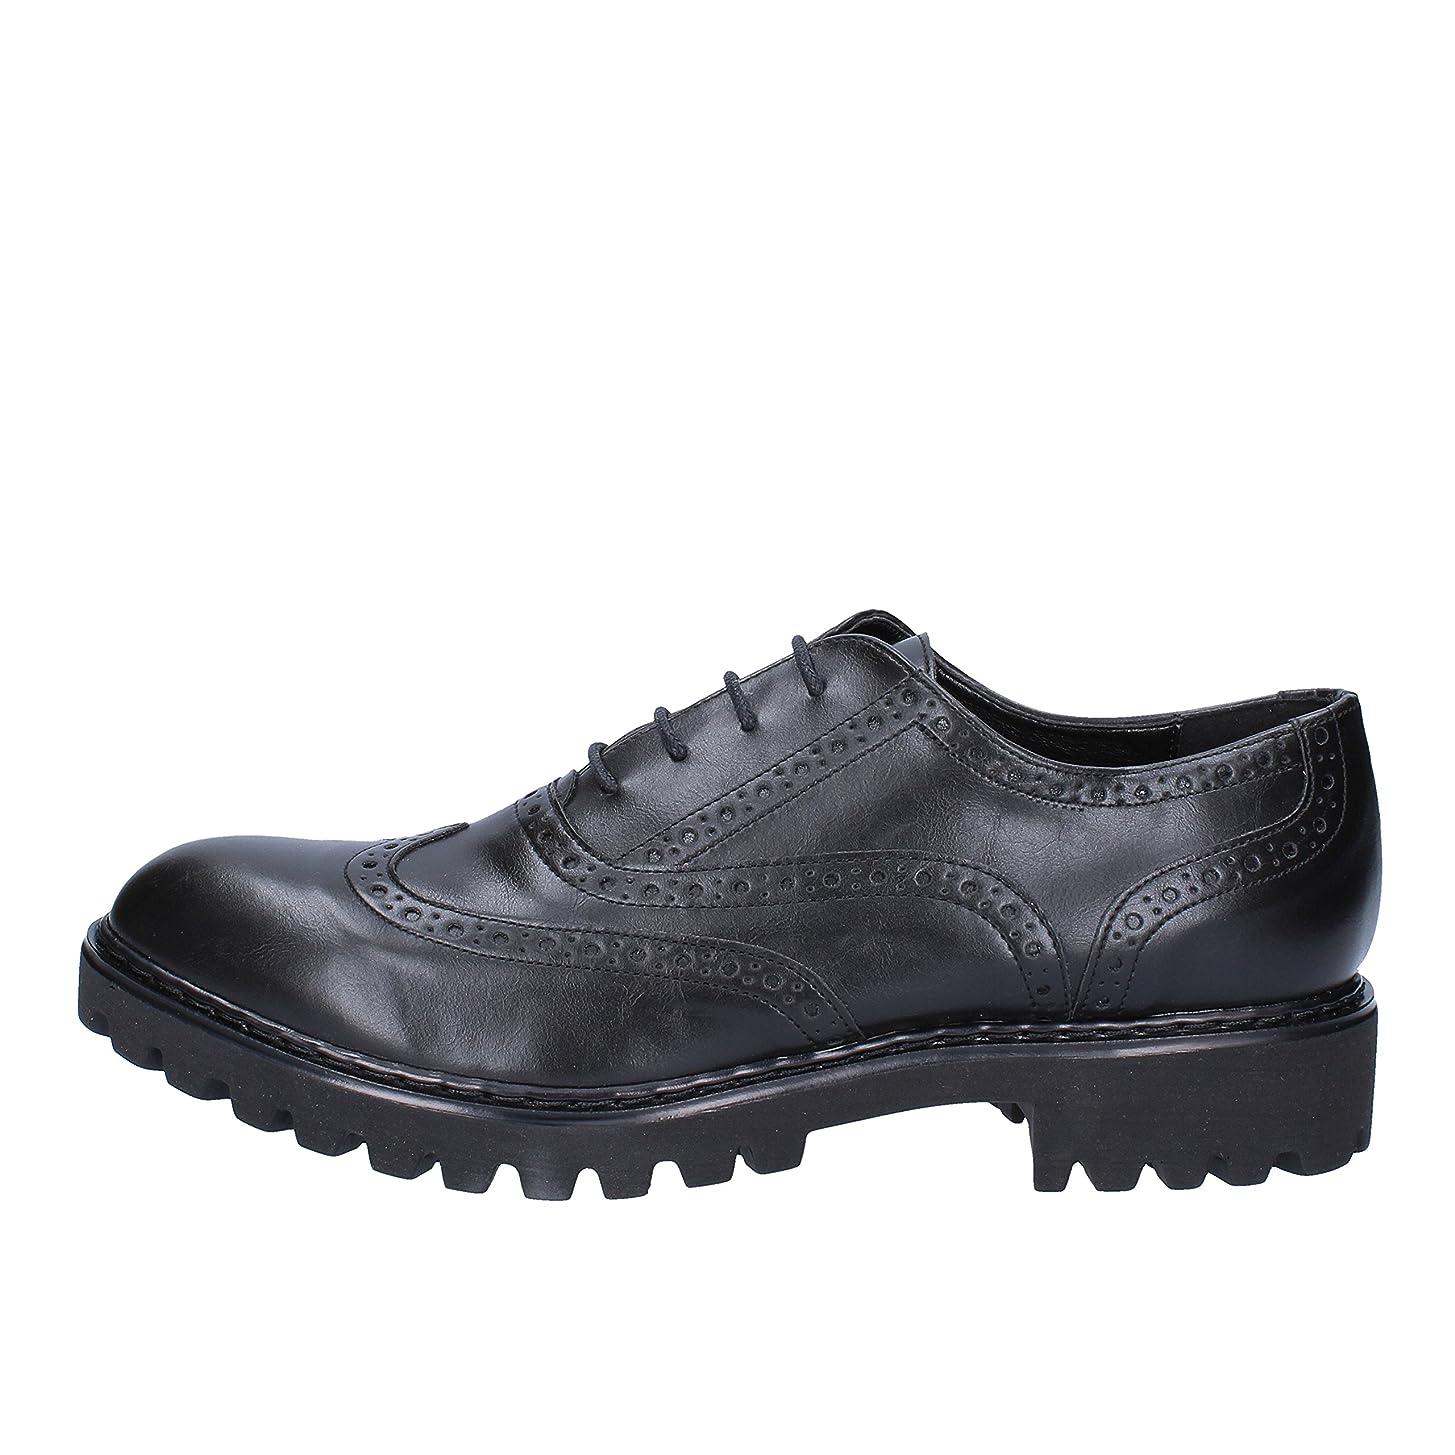 シソーラスみすぼらしいありそう[OLGA RUBINI] 古典的な女性の靴 レディース レザー ブラック